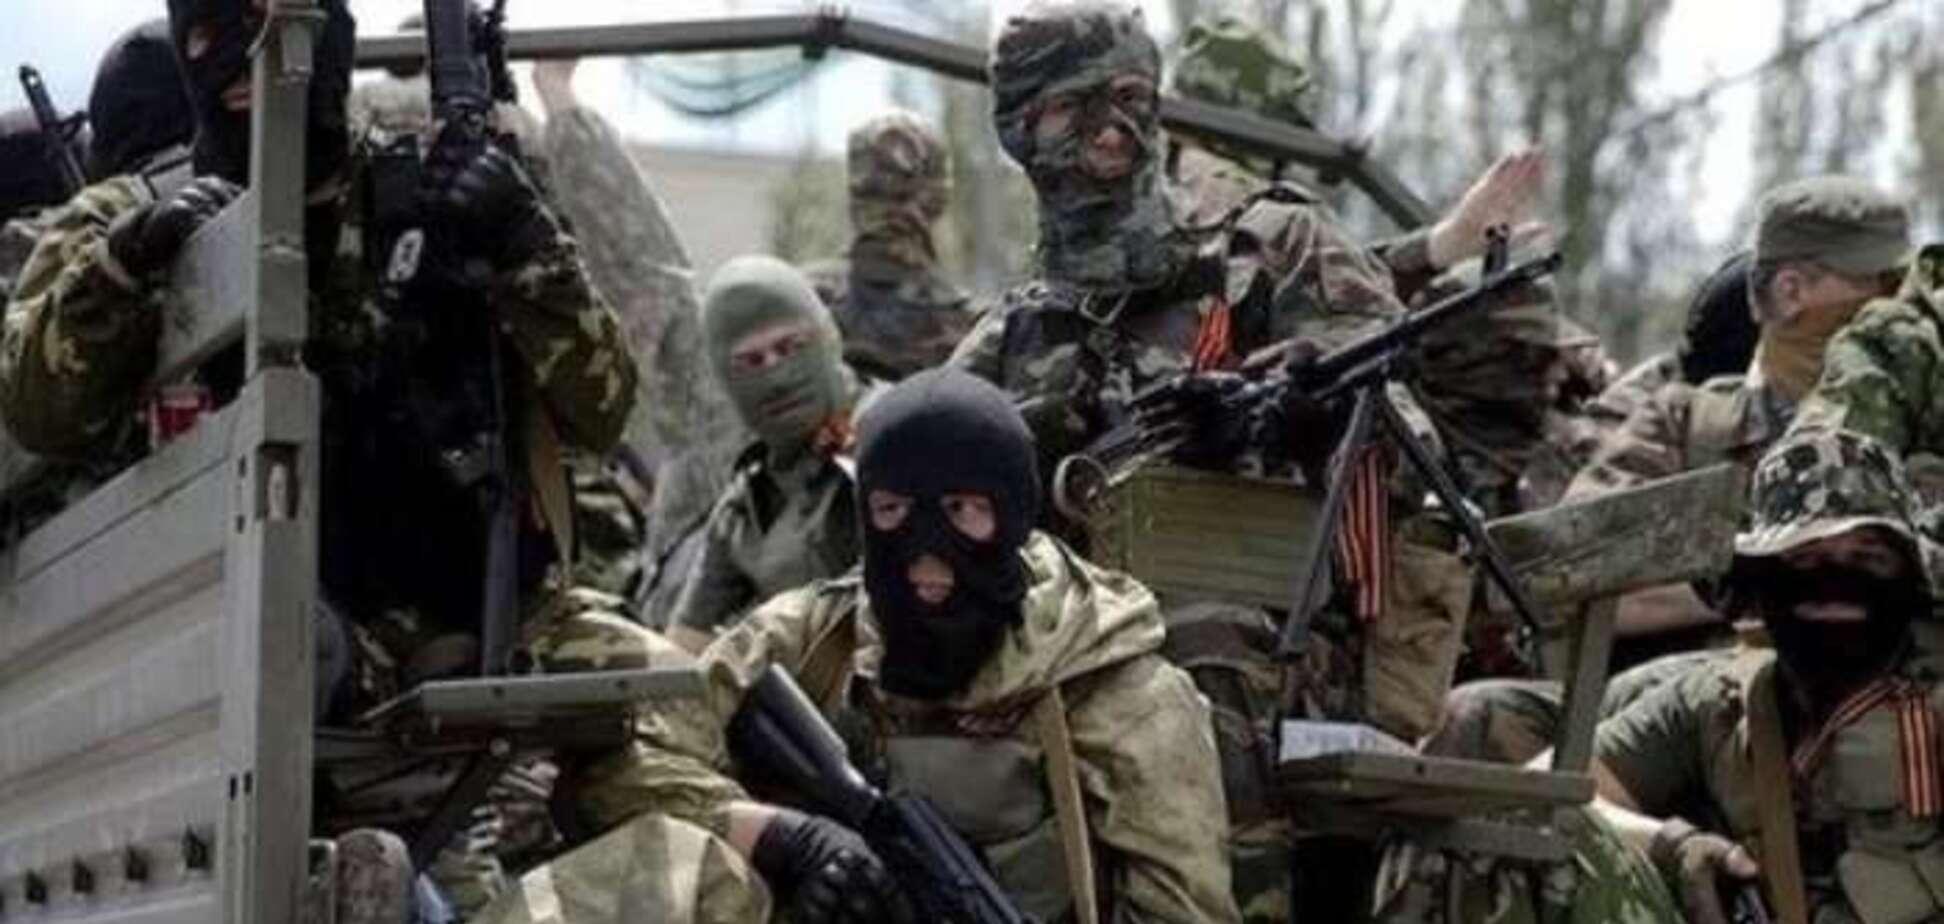 'Орки з гранатою!' Офіцер ЗСУ розповів про безглузду загибель терористів на Донбасі